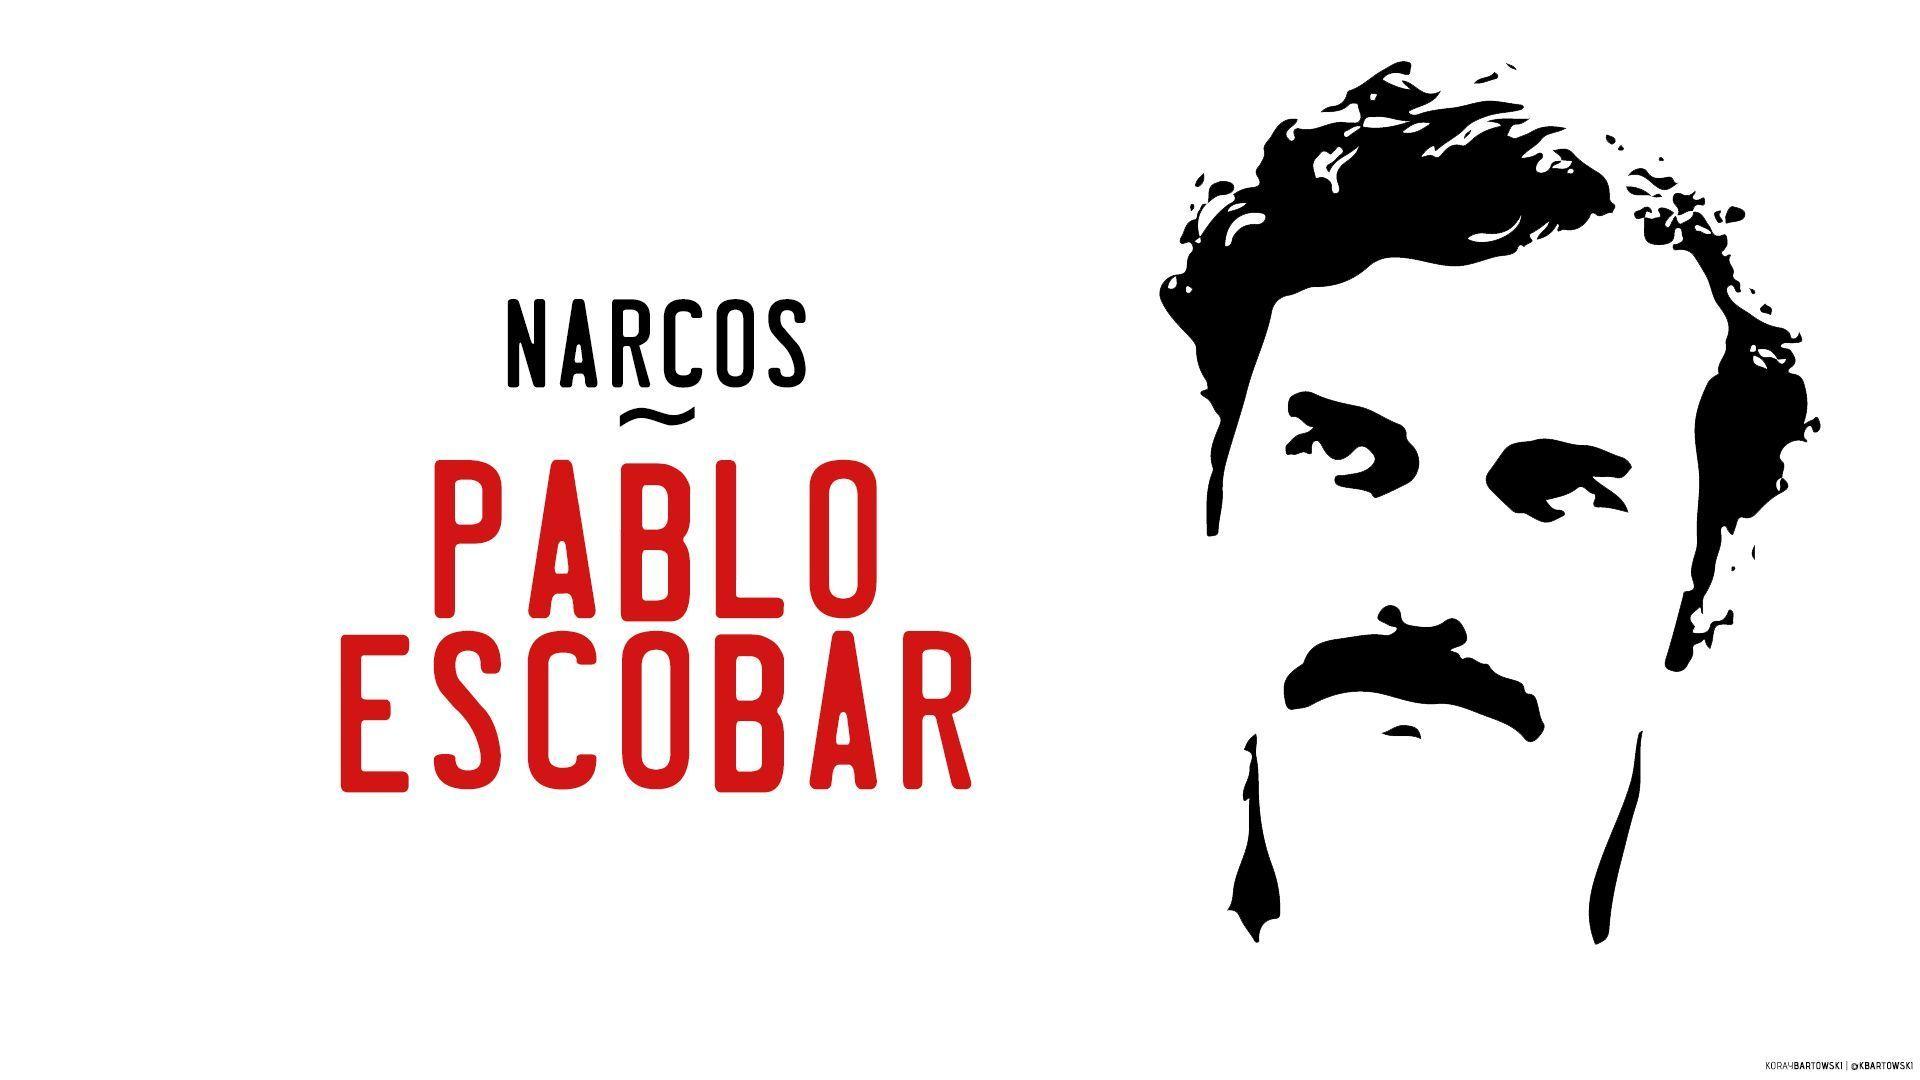 Wallpaper 1366x768 Narcos